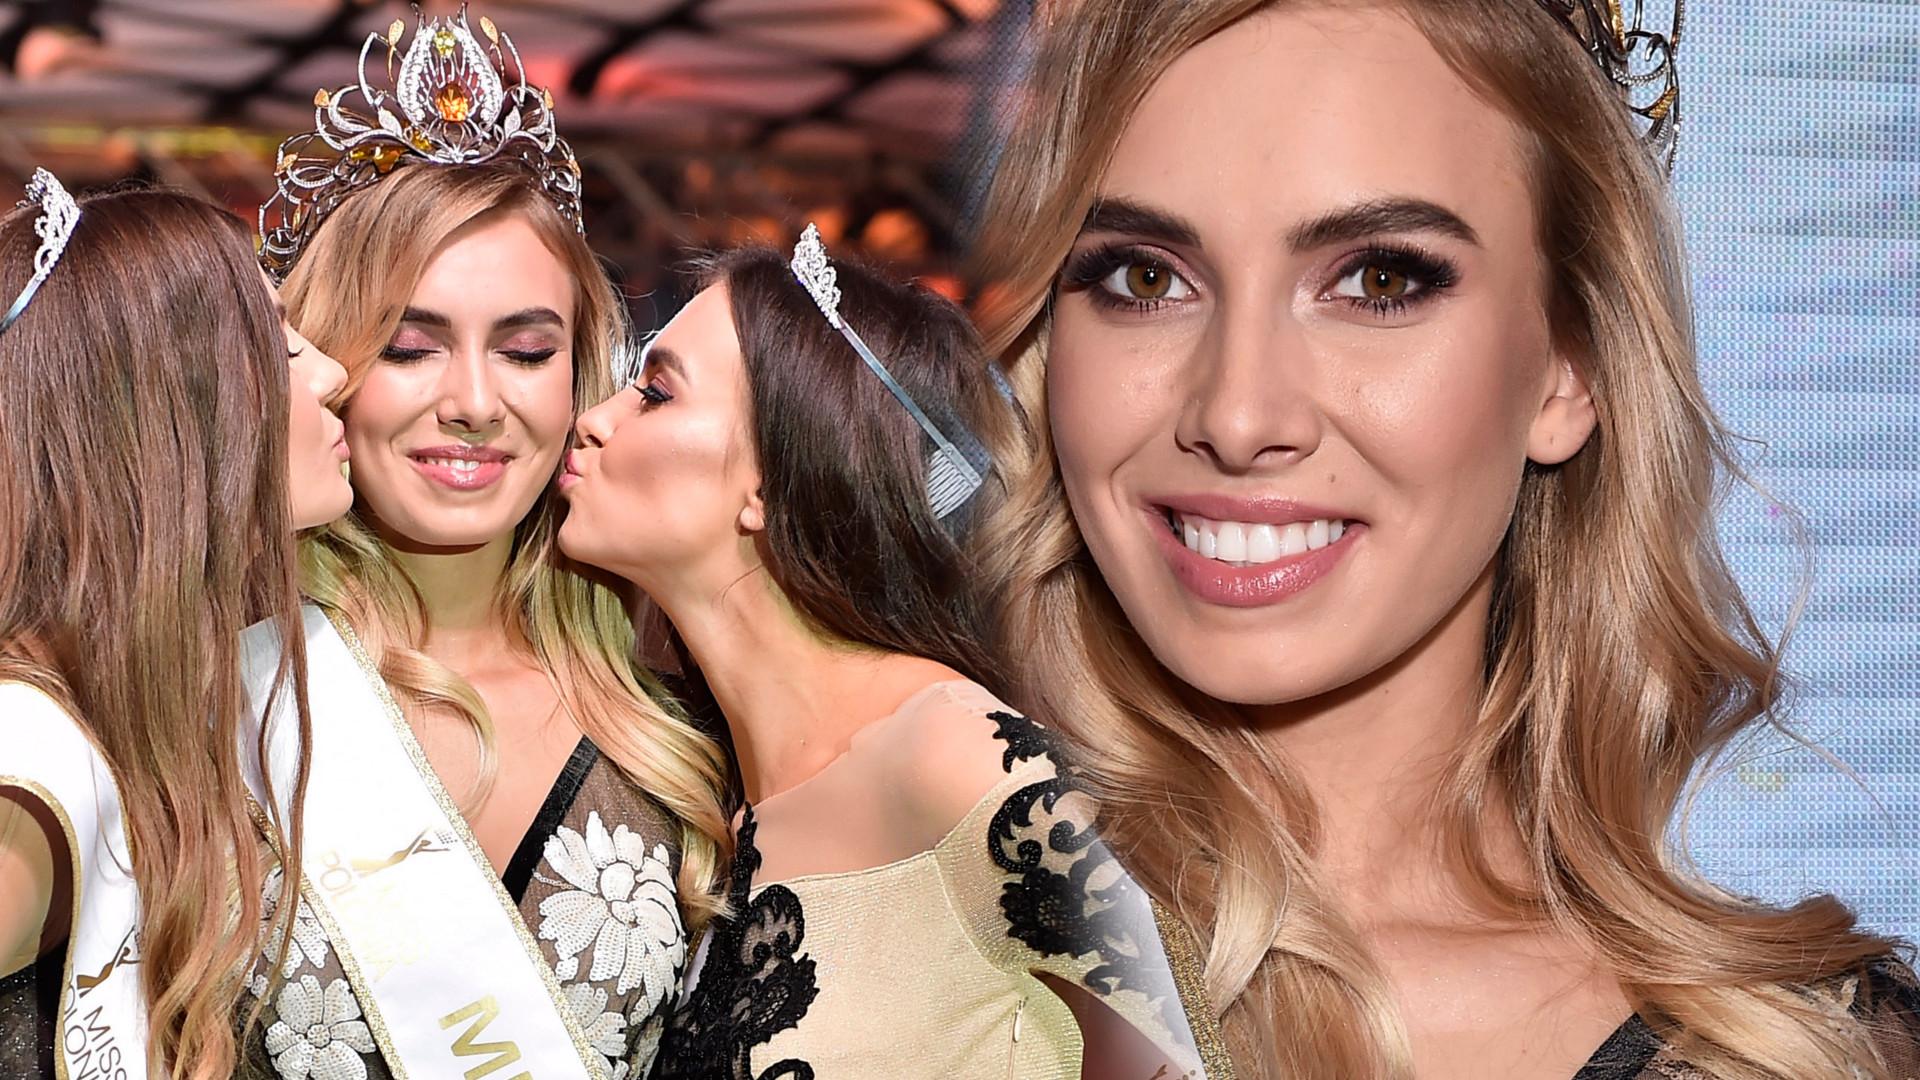 Nowa Miss Polonia Milena Sadowska pochodzi z małej miejscowości (ZDJĘCIA)